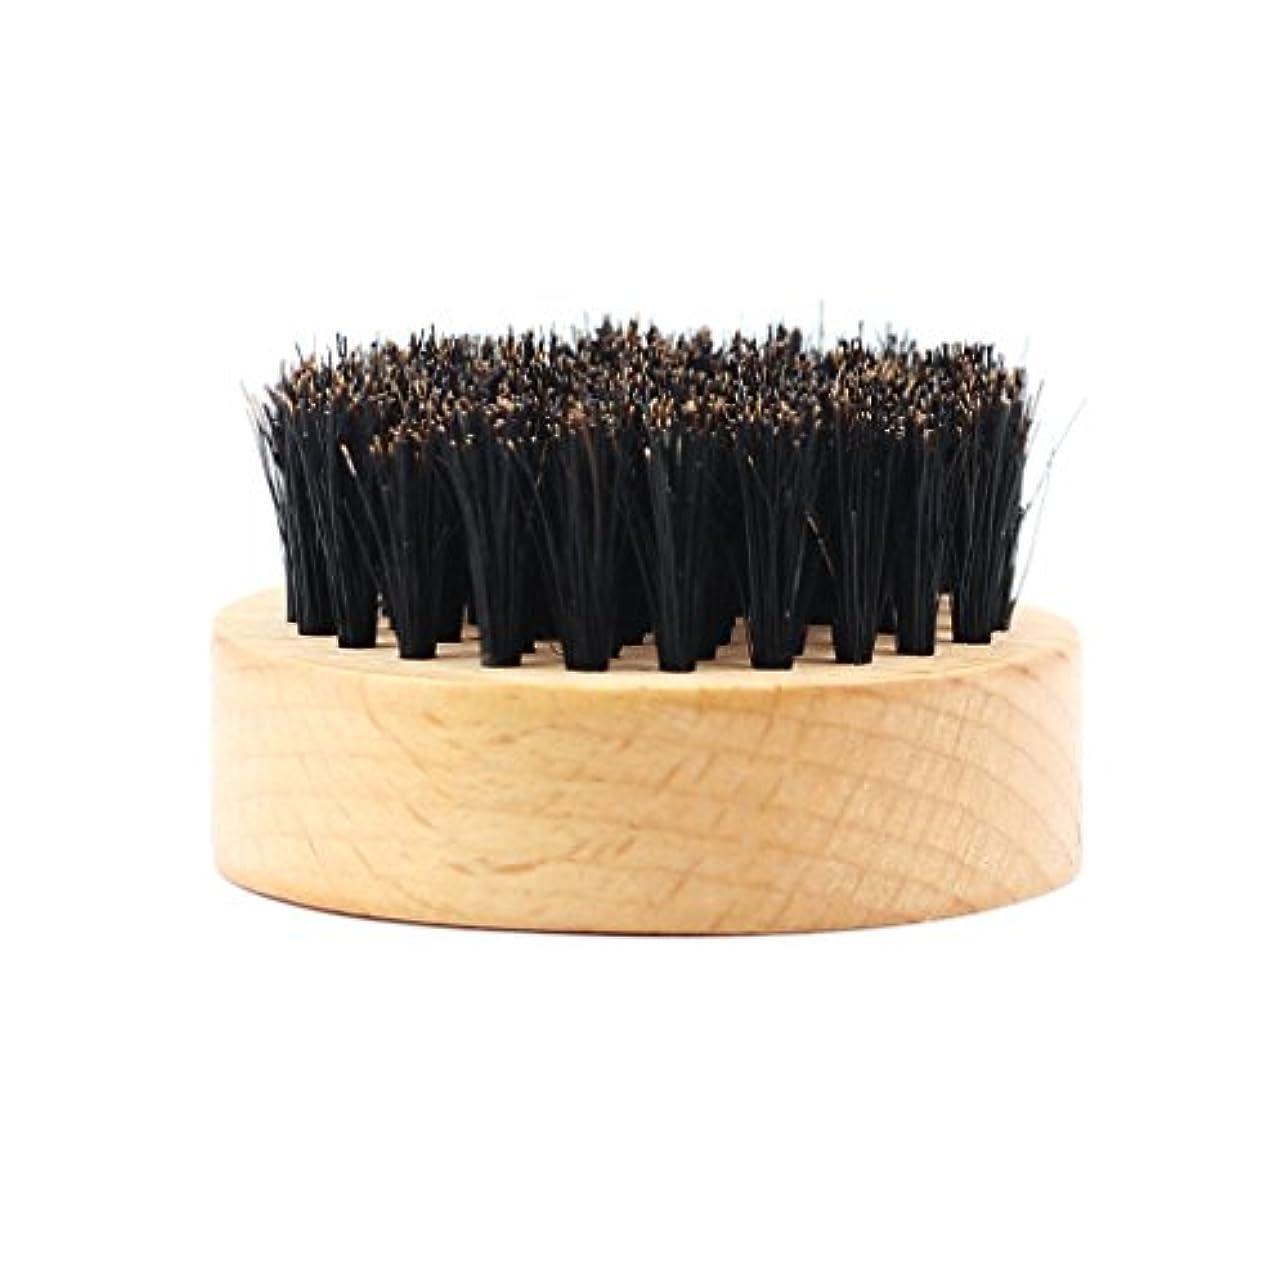 ラベルヒューマニスティックマイクロプロセッサHomyl 髭ブラシ 男性 ひげ剃り 天然木ハンドル ひげそり グルーミング 2タイプ選べる - #2